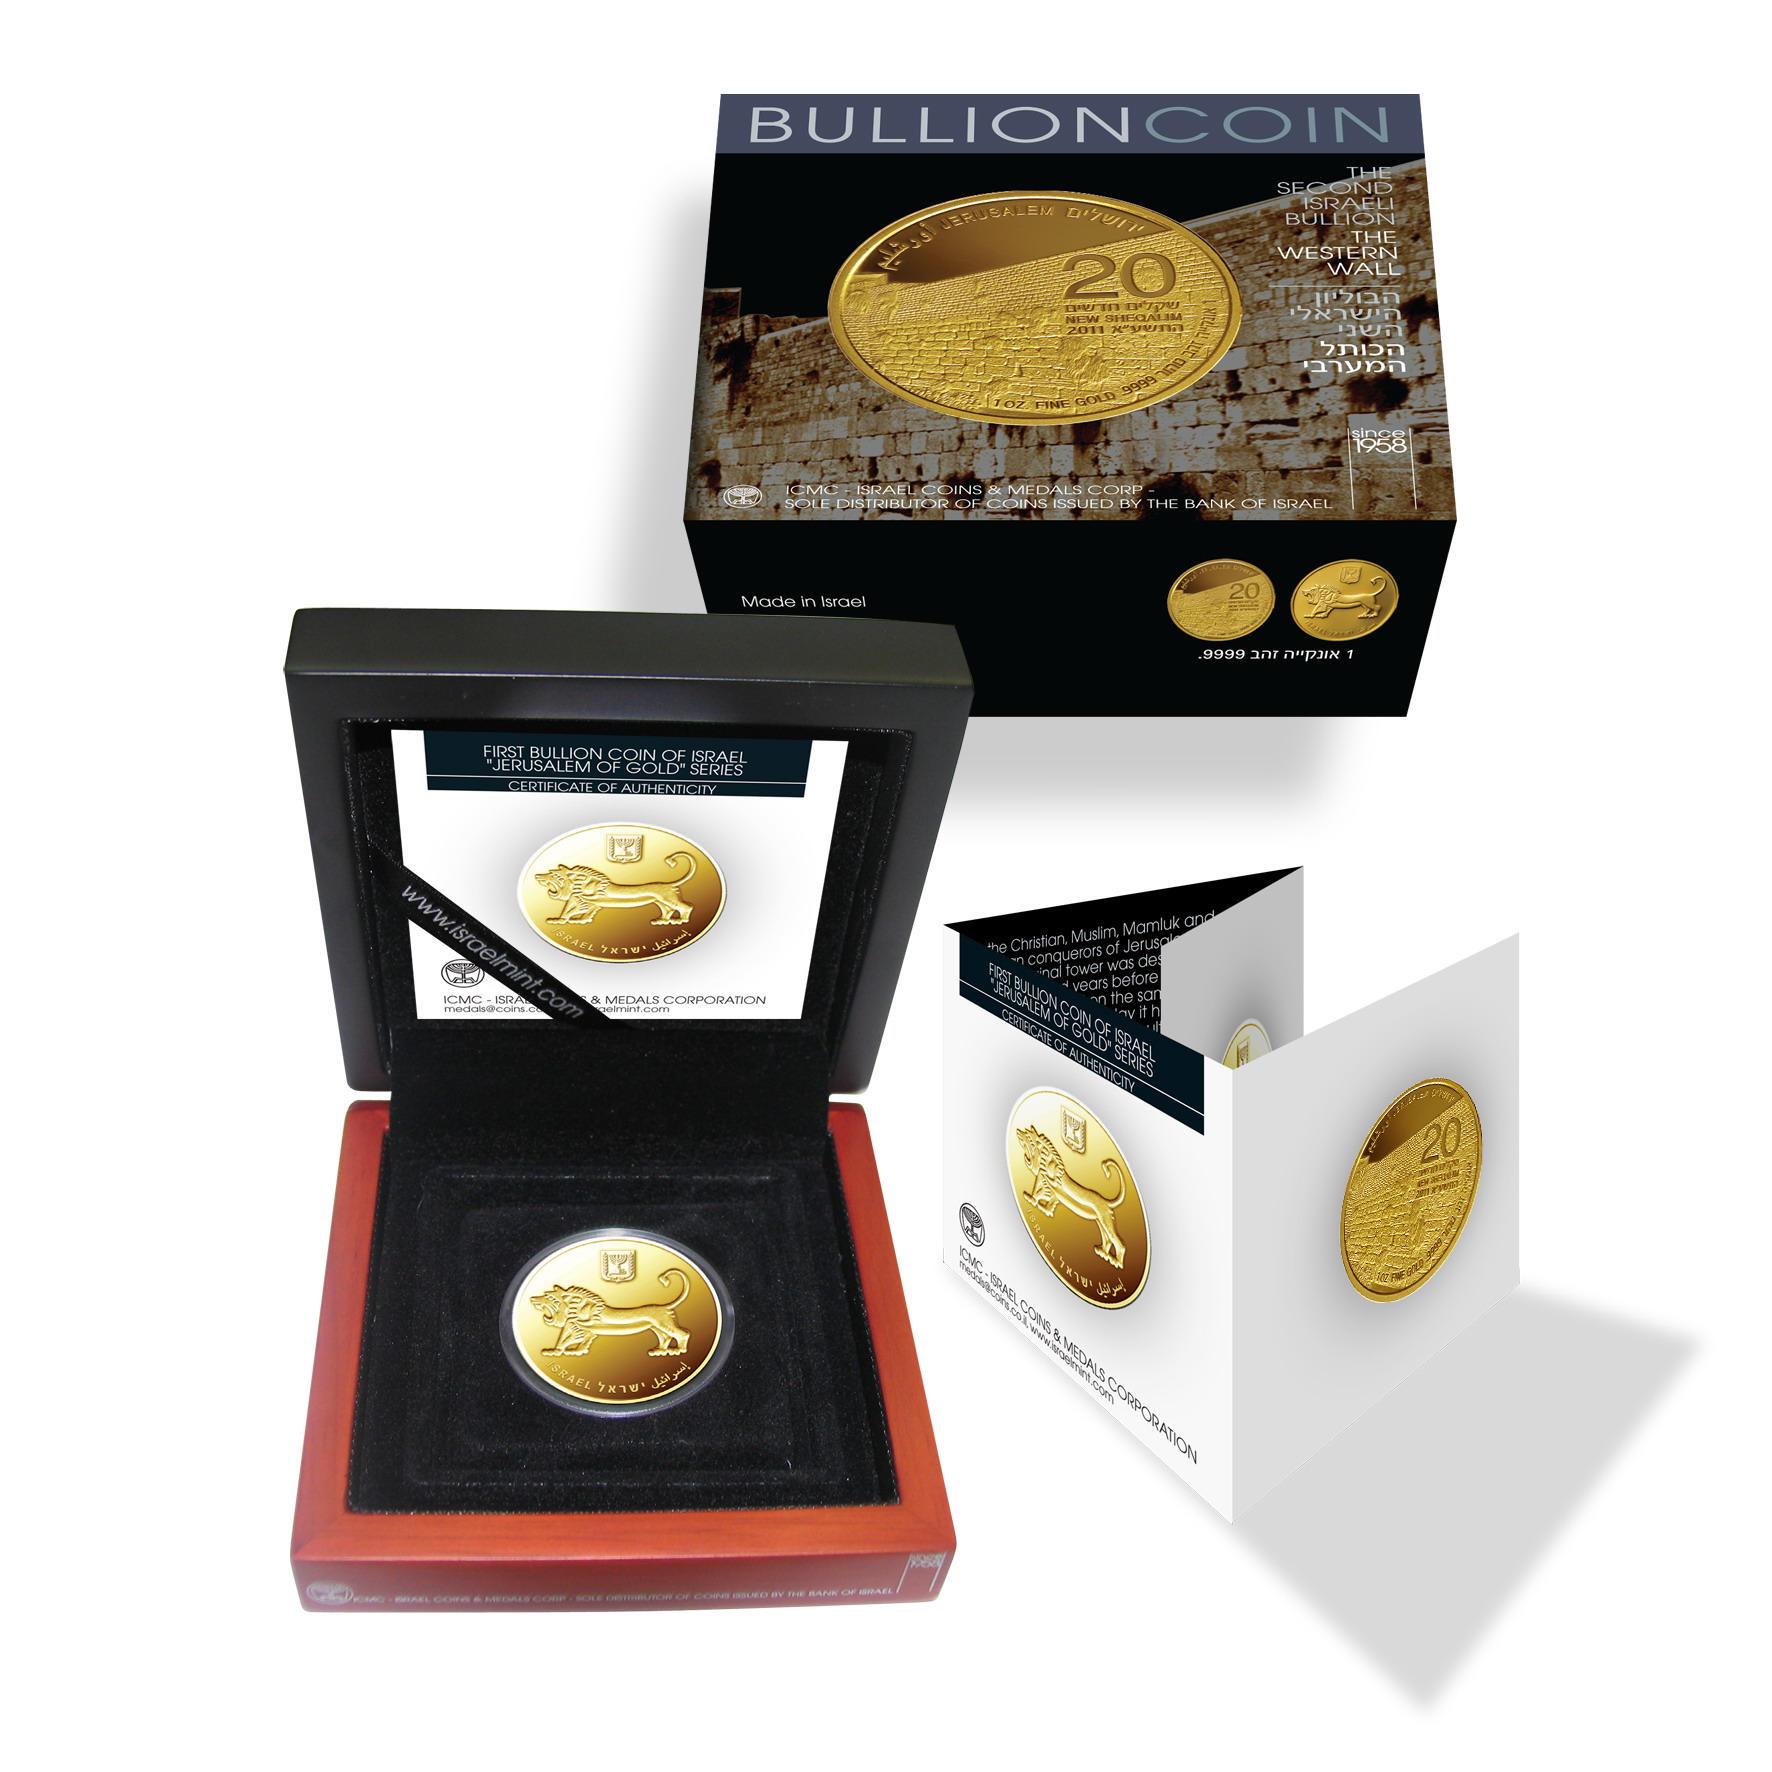 Anlagemünze aus Israel mit 1oz Gold: The Western Wall - hier im Etui mit Zertifikat